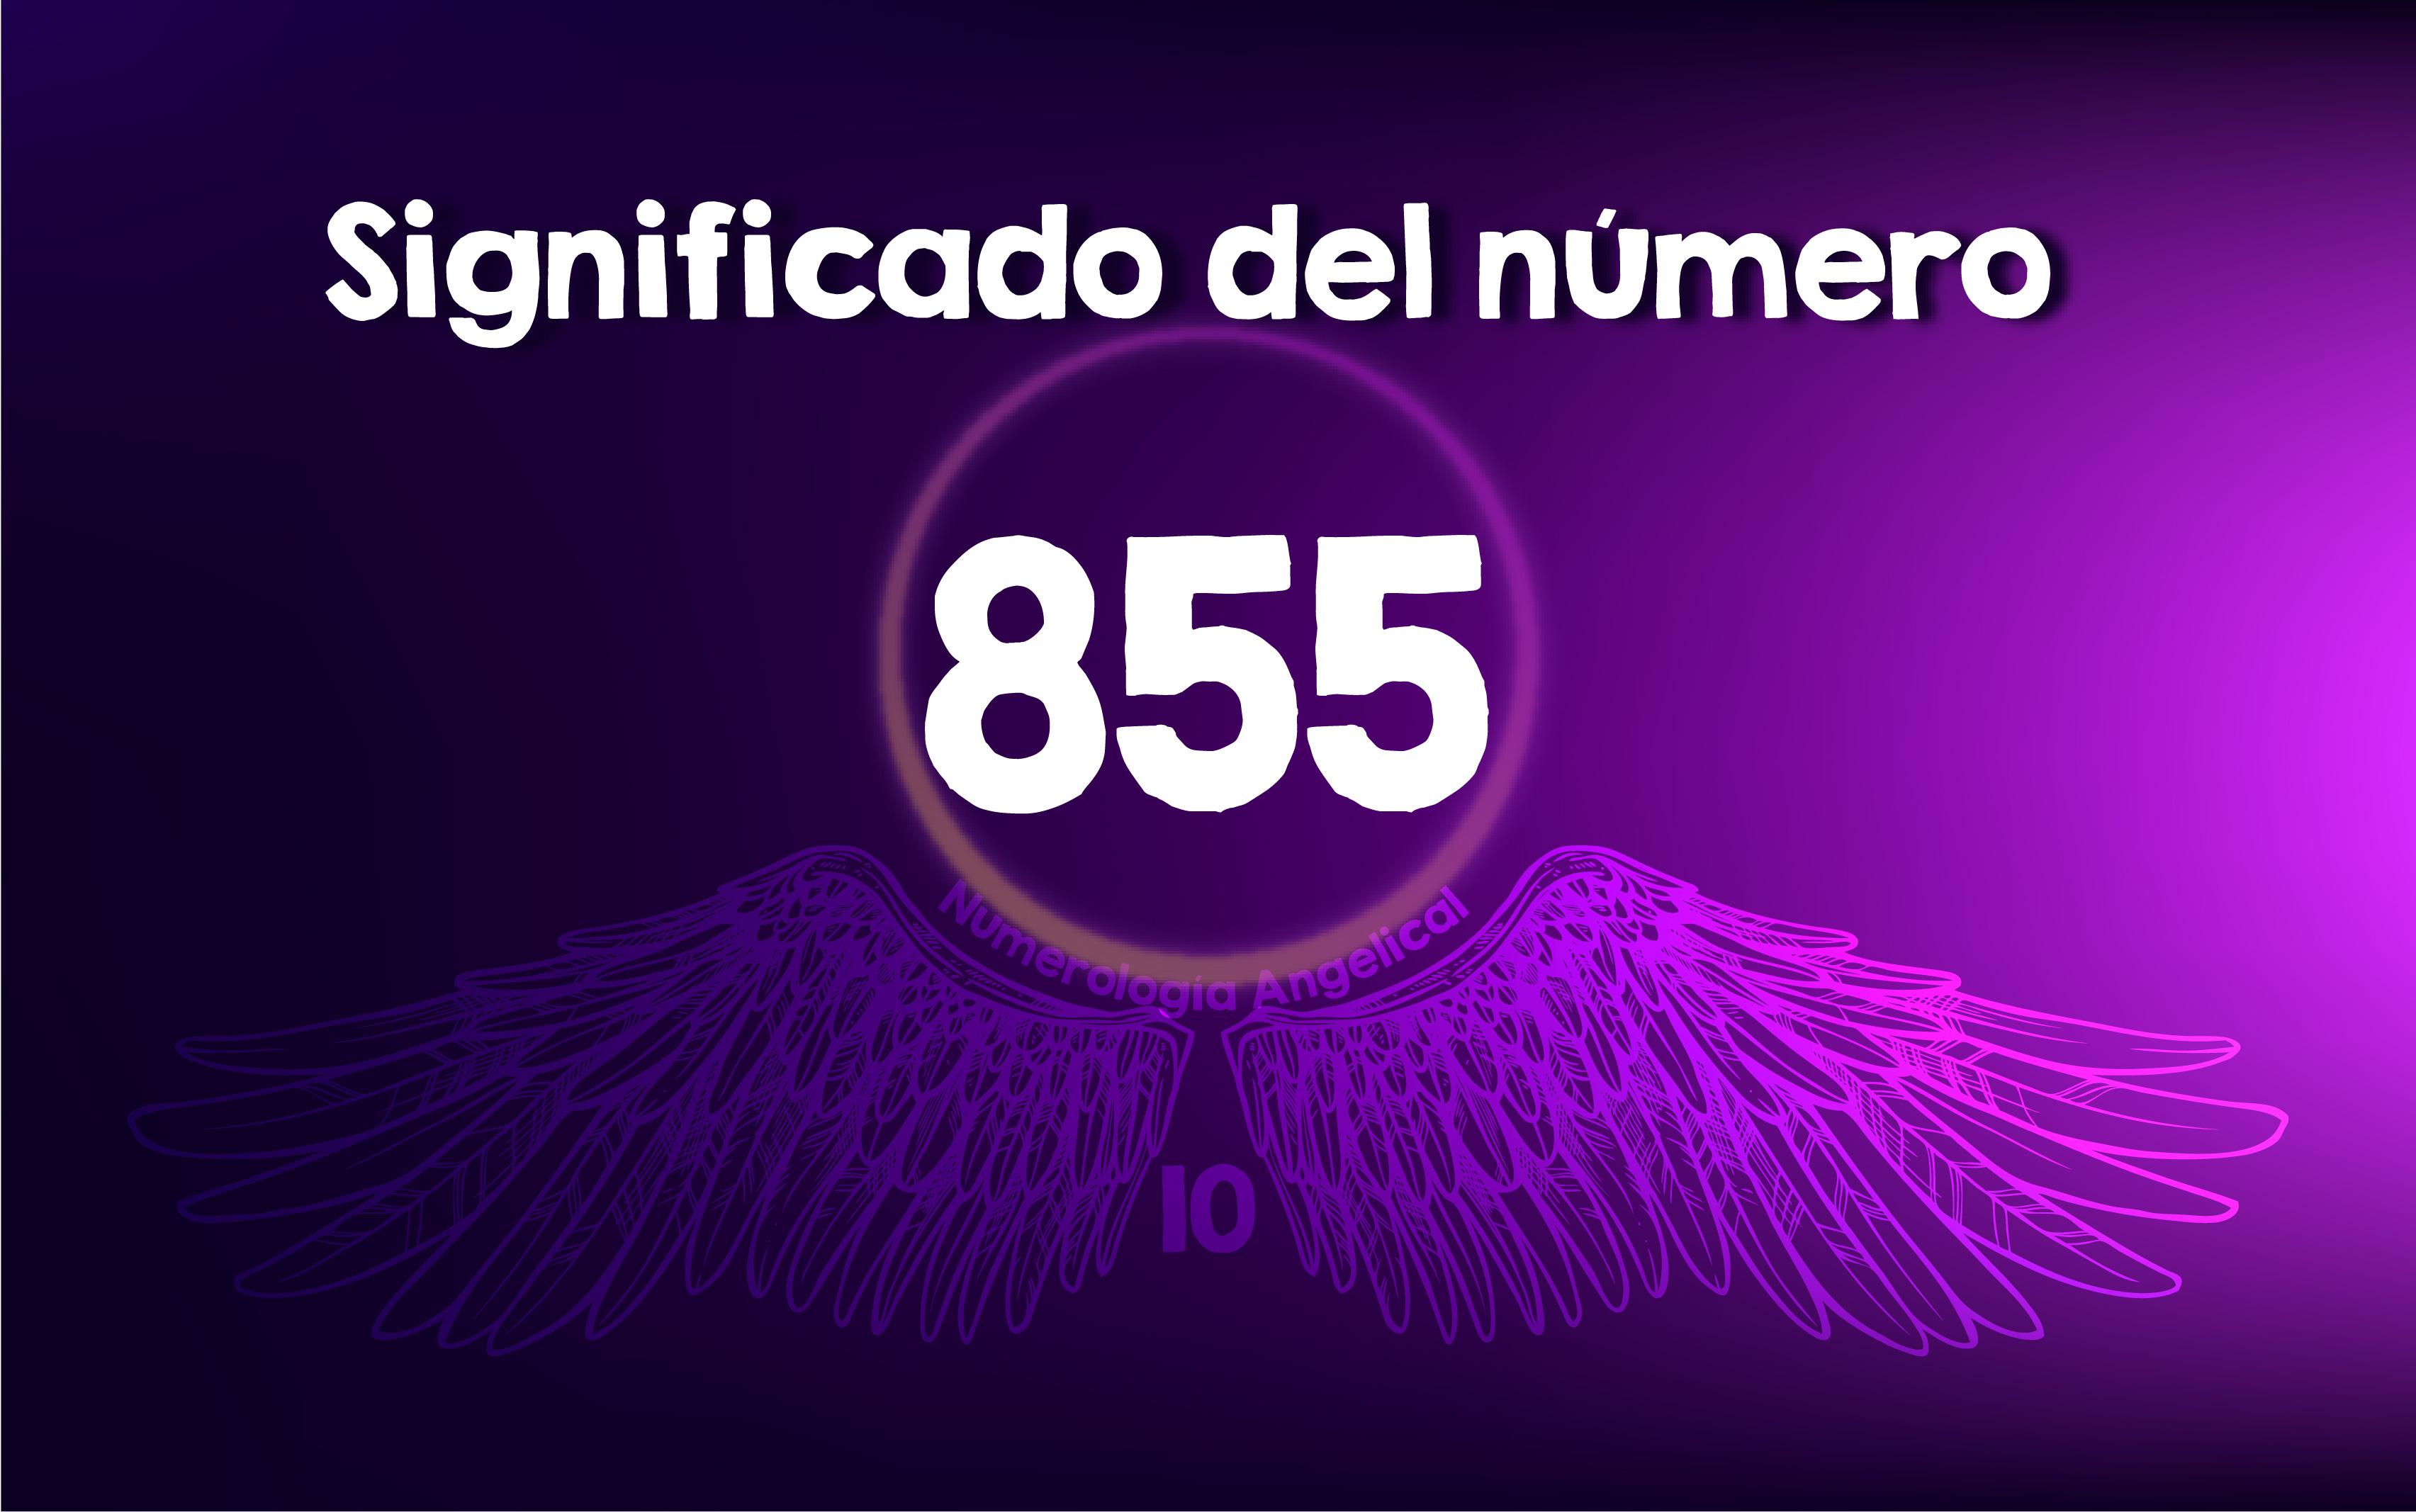 Significado del número 855